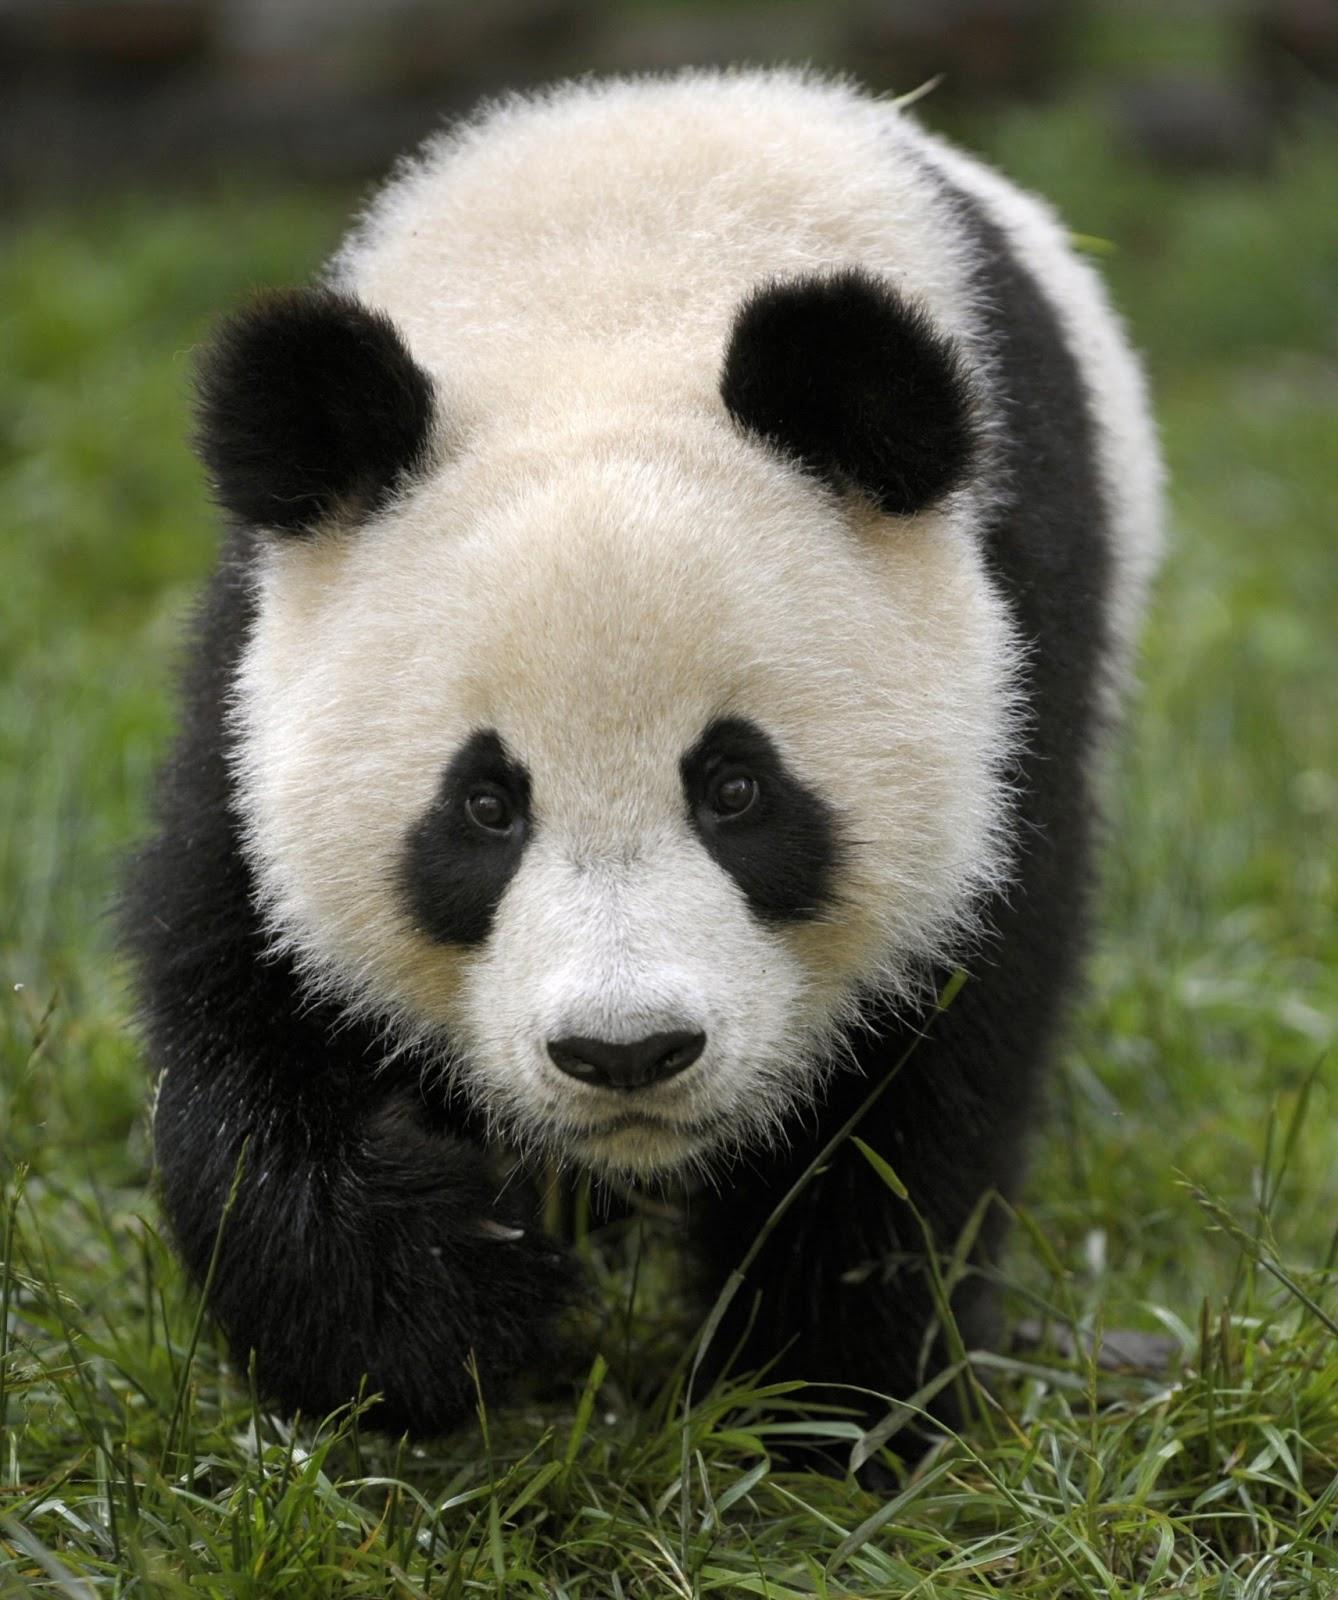 Panda Lovely Sweet Wild Animal Fact Pictures